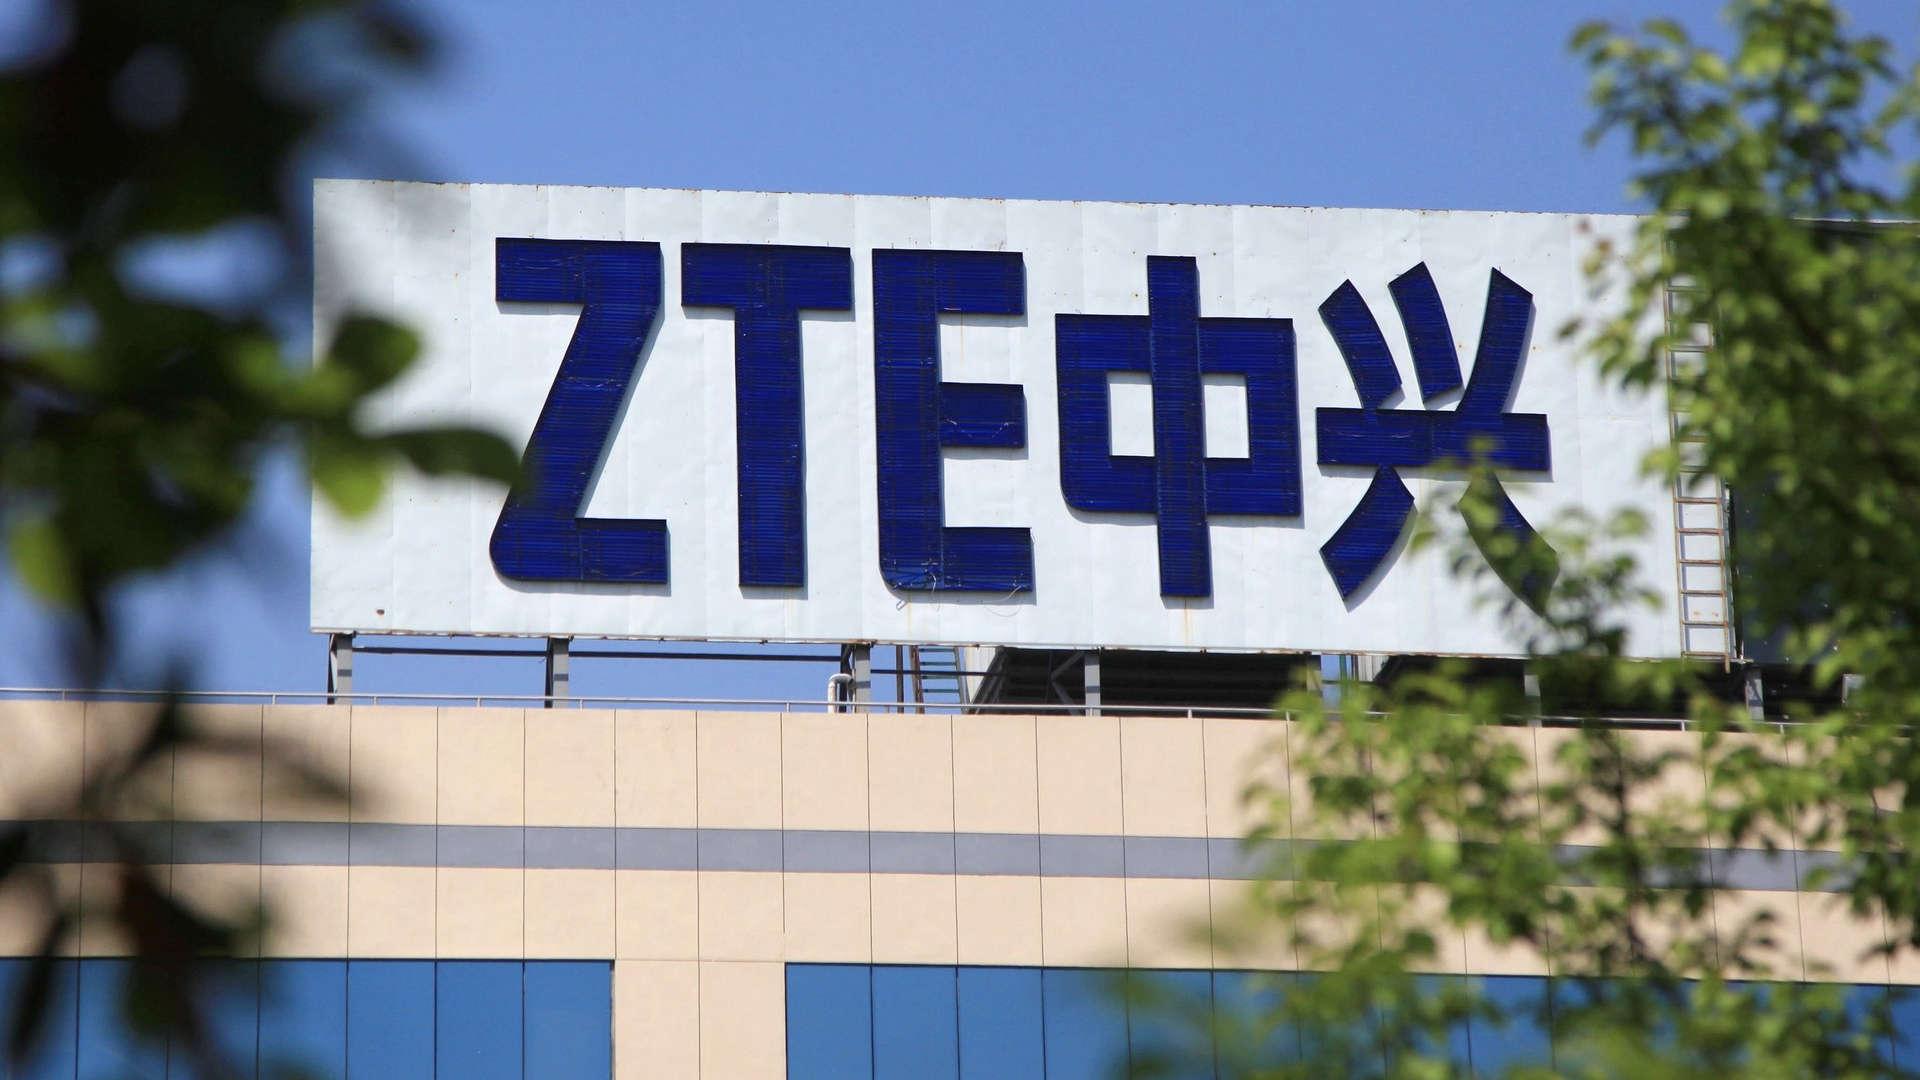 ZTE prezentuje nowy dekoder do IPTV i OTT. Zobaczymy go w Polsce?